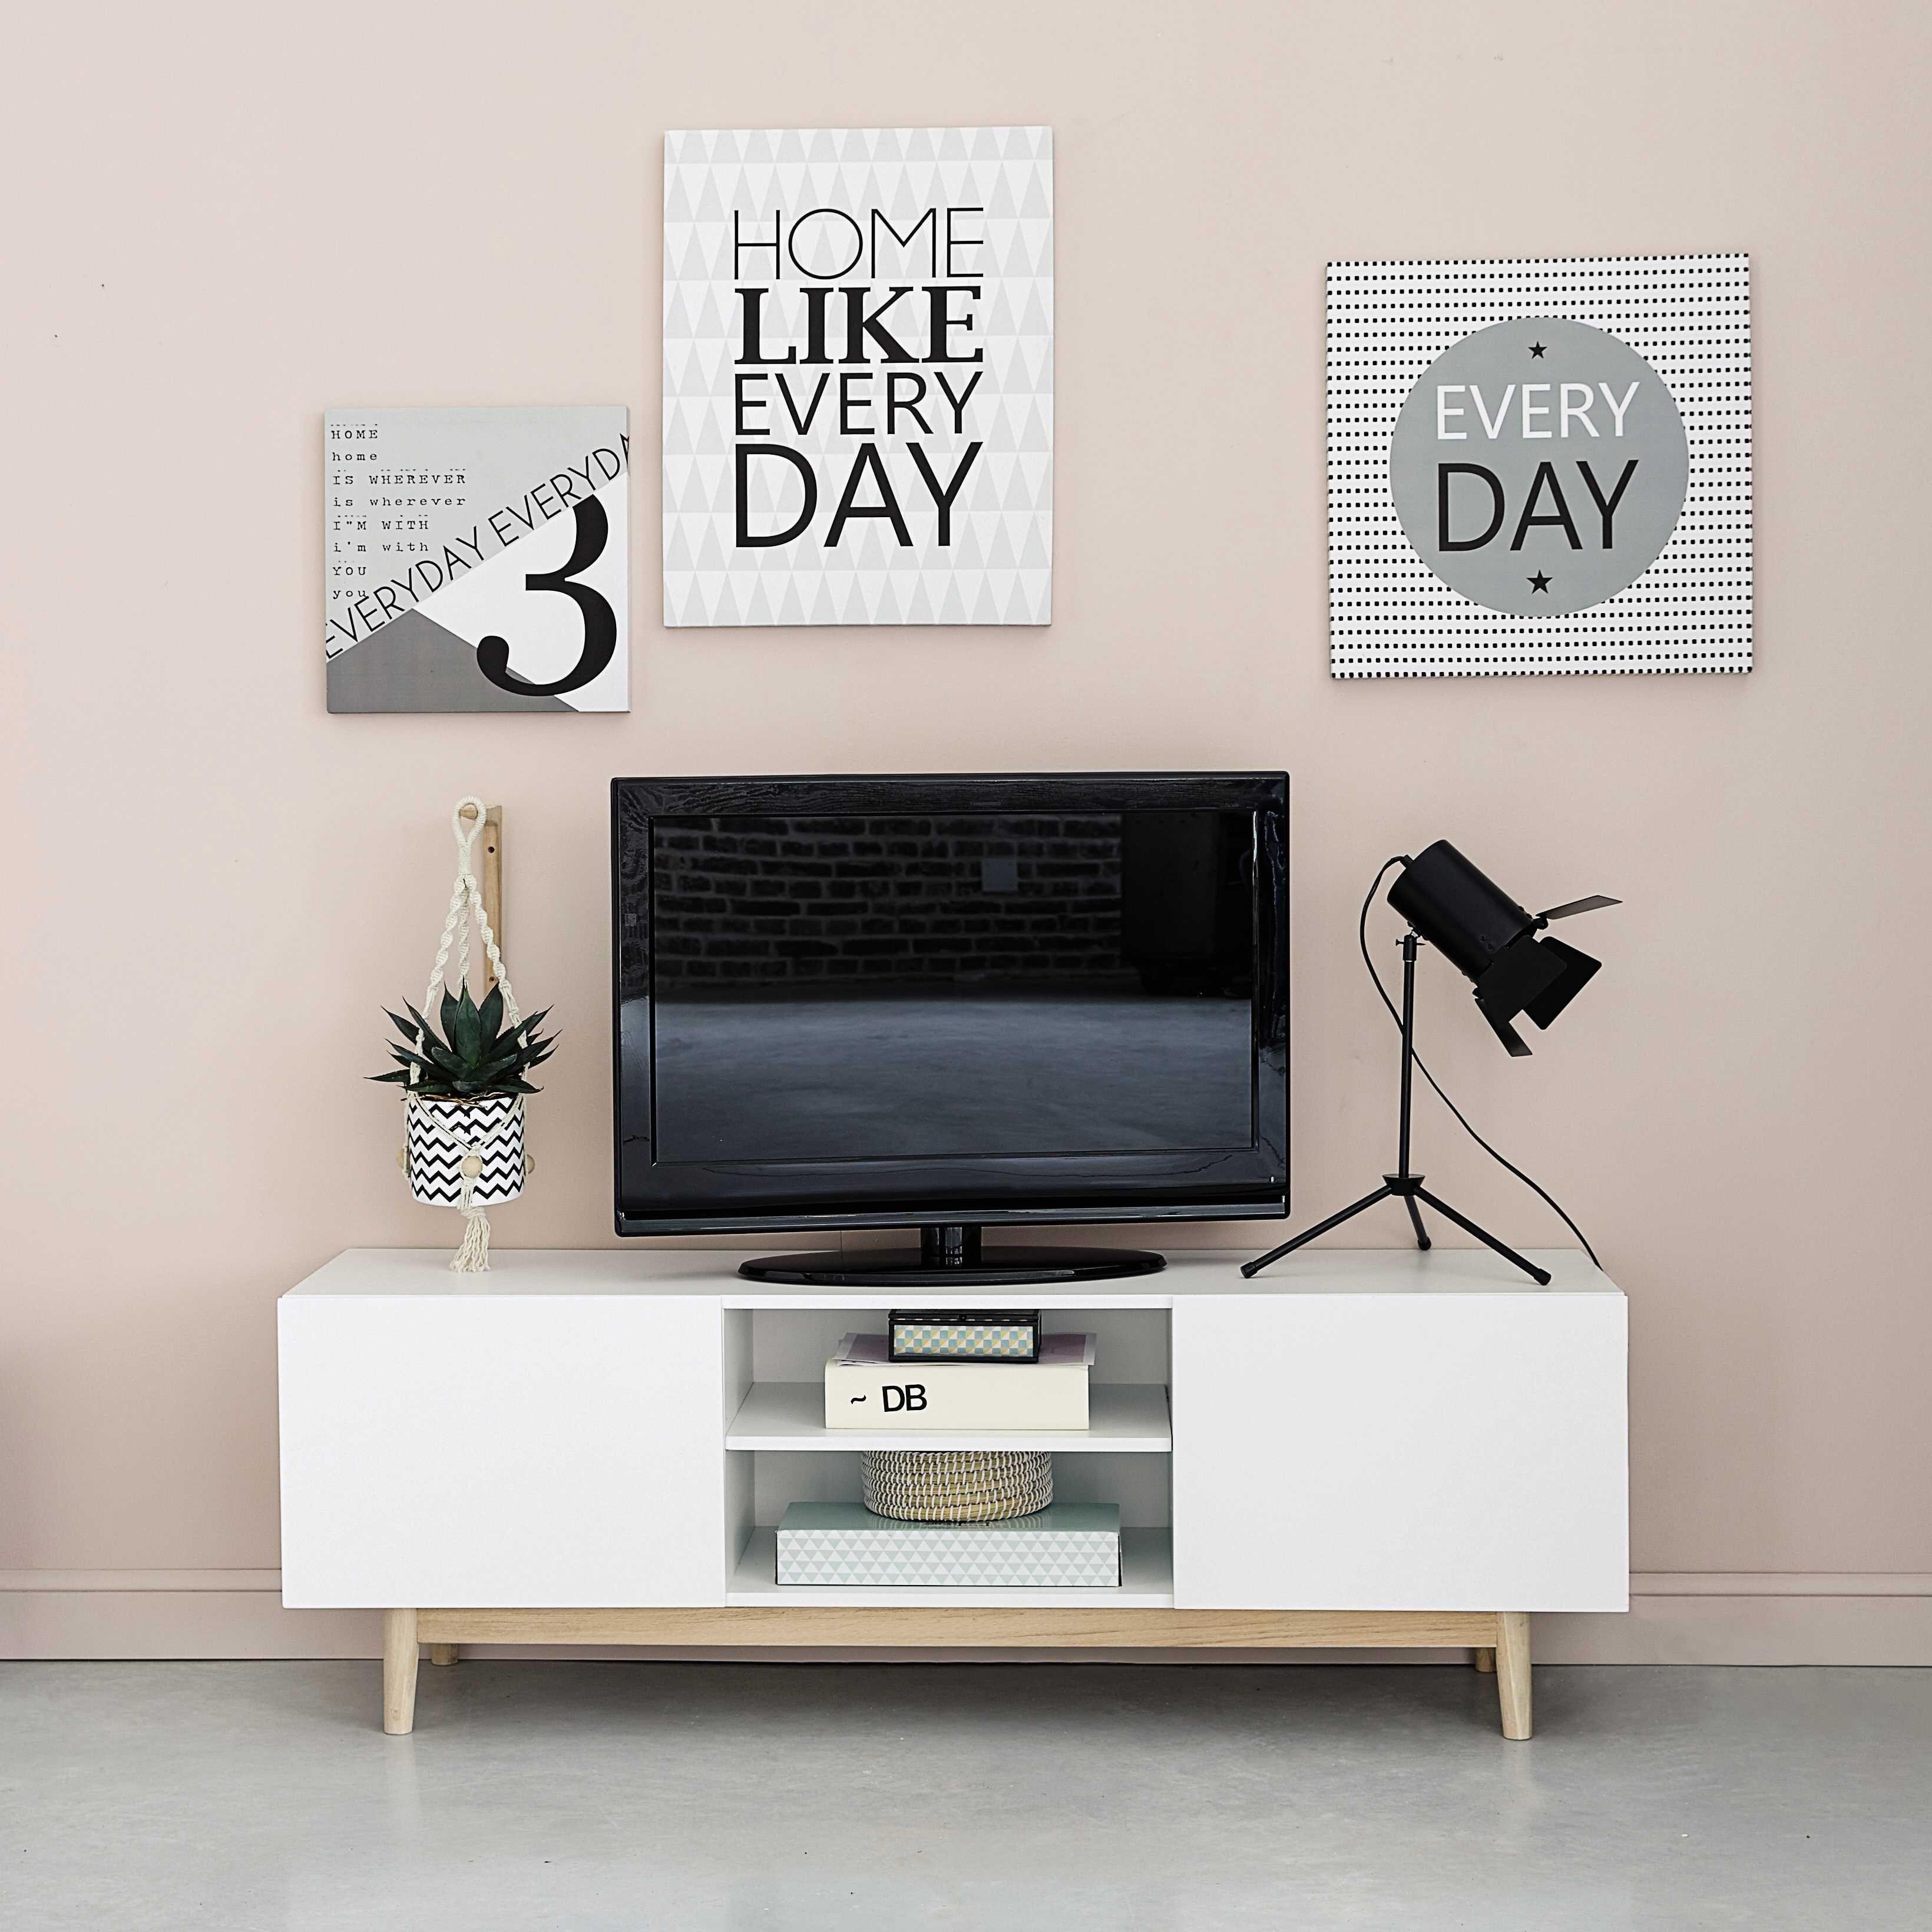 meuble tv vintage en bois blanc l 150 cm artic maisons du monde - Meubles Blanc Maison Du Monde